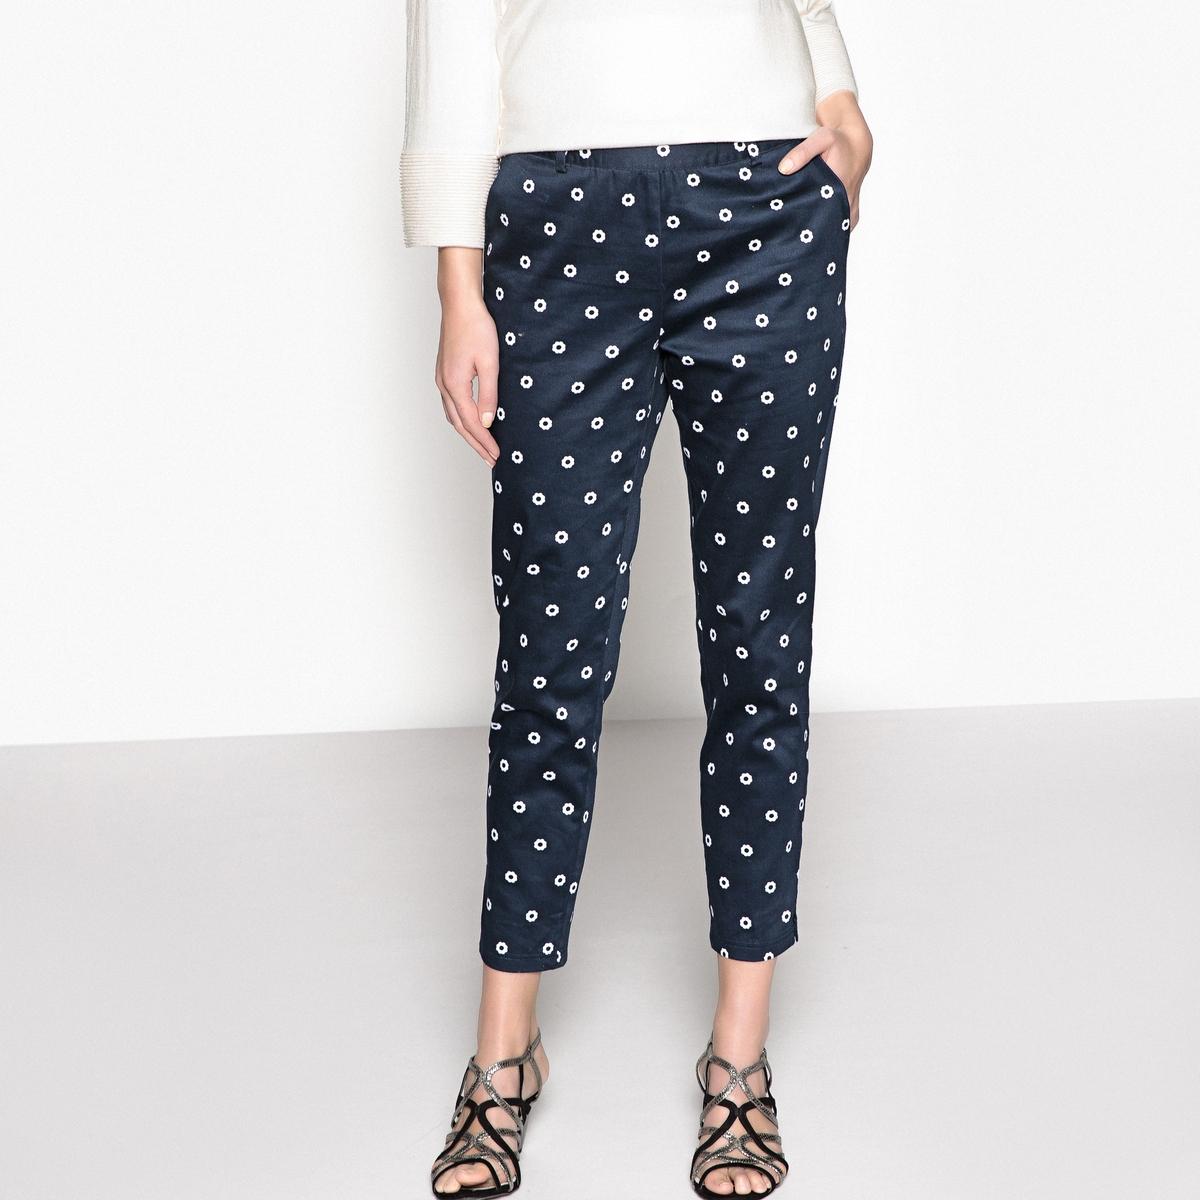 Брюки-дудочки, 7/8, с рисункомОписание:Узкие женские брюки, 7/8. Модные брюки благодаря рисунку в горошек. Из хлопкового сатина для большего комфорта.Детали •  Узкие, дудочки •  Стандартная высота пояса •  Рисунок-принтСостав и уход •  98% хлопка, 2% эластана •  Температура стирки 30° на деликатном режиме   •  Сухая чистка и отбеливатели запрещены •  Не использовать барабанную сушку •  Низкая температура глажки •  Пояс со шлевками и застежкой на молнию и металлическую пуговицу сбоку. 2 косых кармана. 2 ложных прорезных кармана сзади. Разрезы внизу брючин •  Длина по внутр. шву 68 см, ширина по низу 15 см<br><br>Цвет: рисунок/фон темно-синий<br>Размер: 40 (FR) - 46 (RUS).46 (FR) - 52 (RUS).50 (FR) - 56 (RUS).38 (FR) - 44 (RUS).52 (FR) - 58 (RUS).42 (FR) - 48 (RUS)